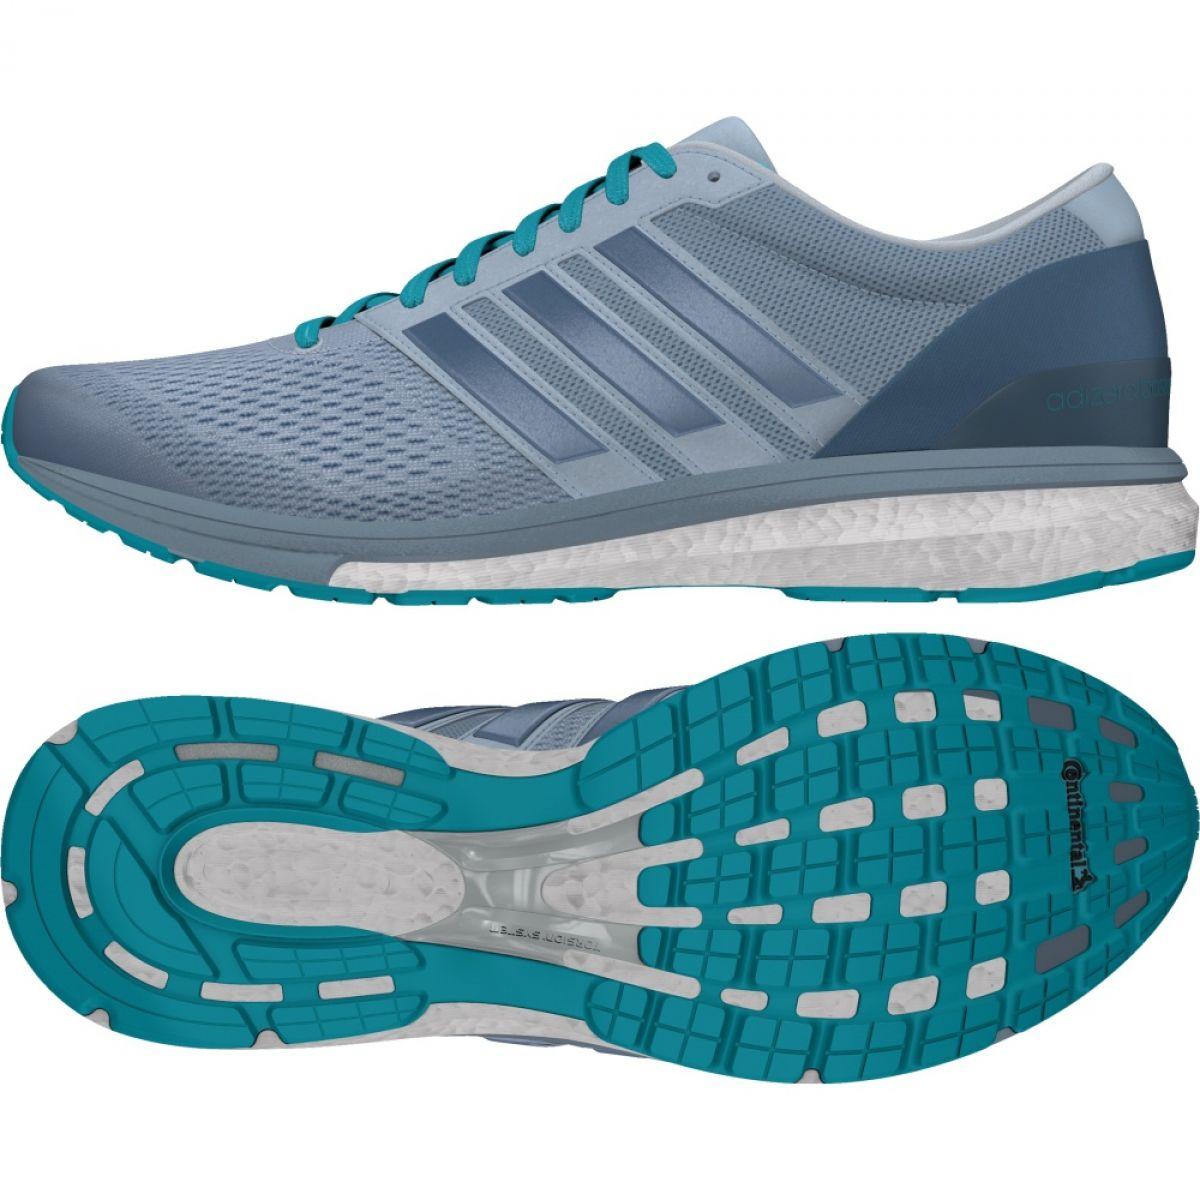 Buty biegowe adidas Adizero Boston 6 W BA7 39 13